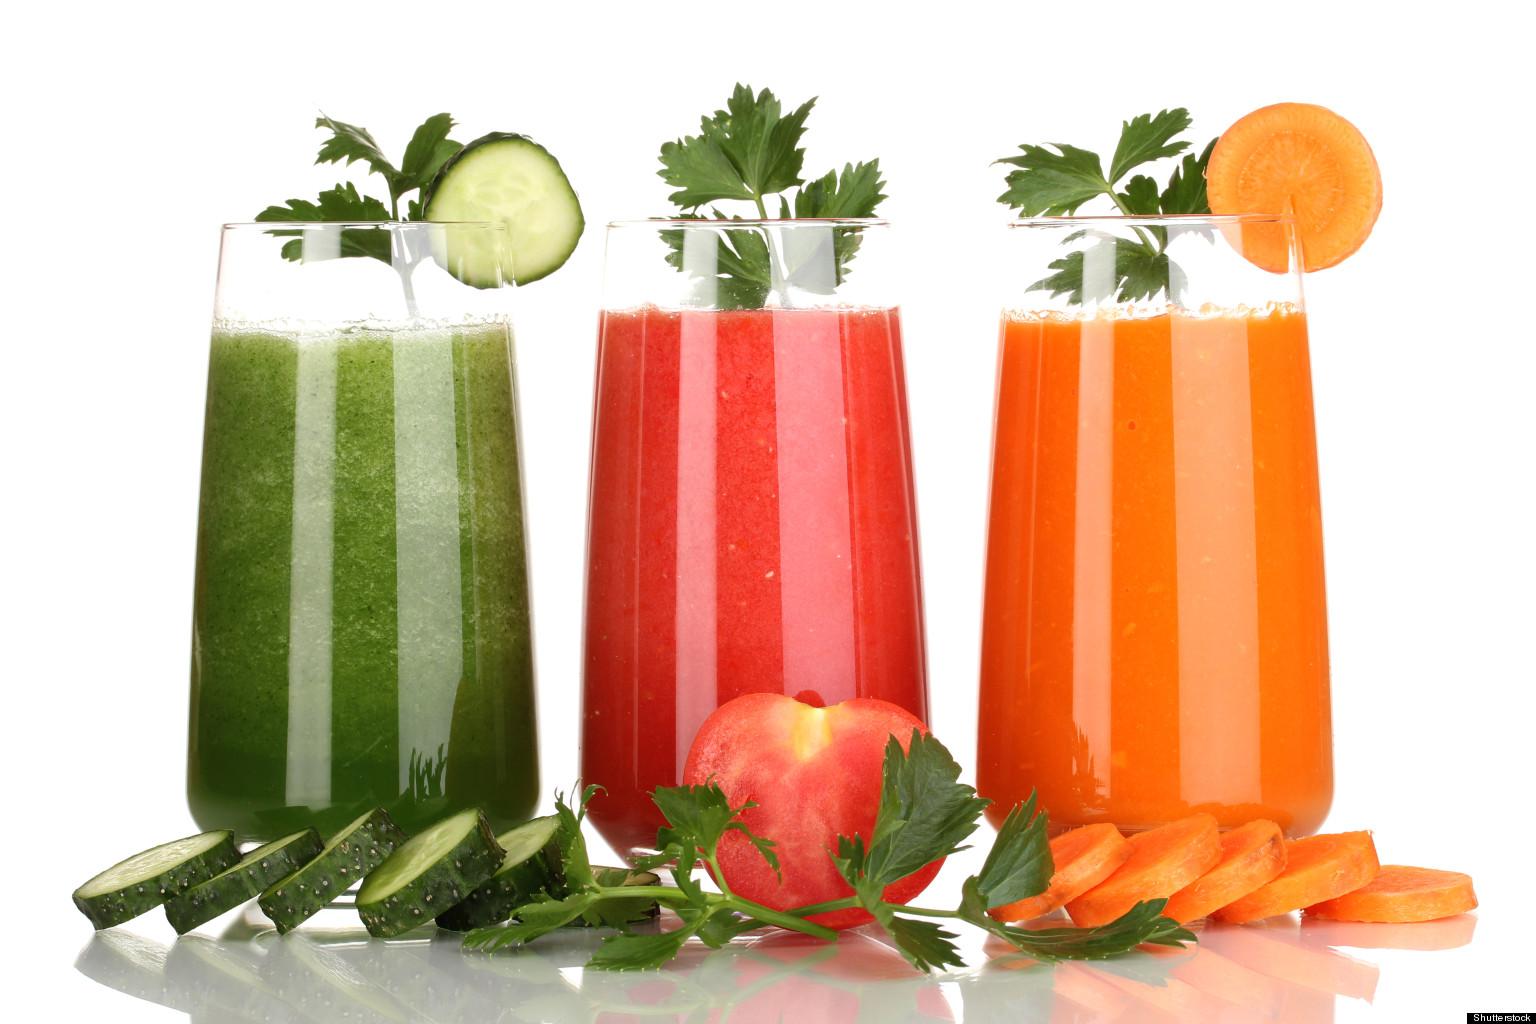 Haz una desintoxicación completa del cuerpo en 3 días, pierde peso y mejora tu salud